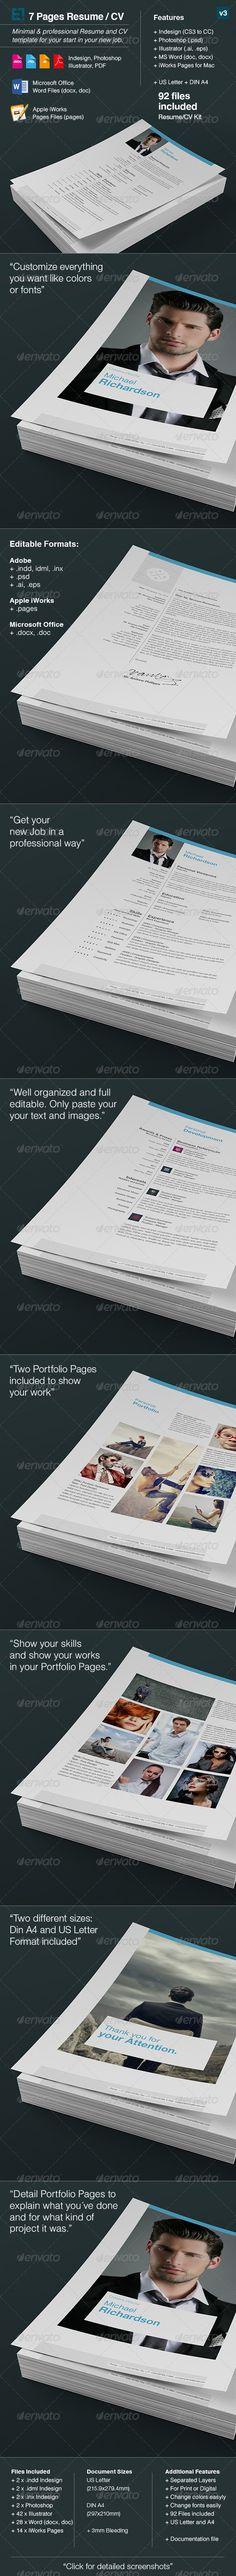 Resume Booklet Design _8 Pages Booklet design, Indesign - indesign resume templates